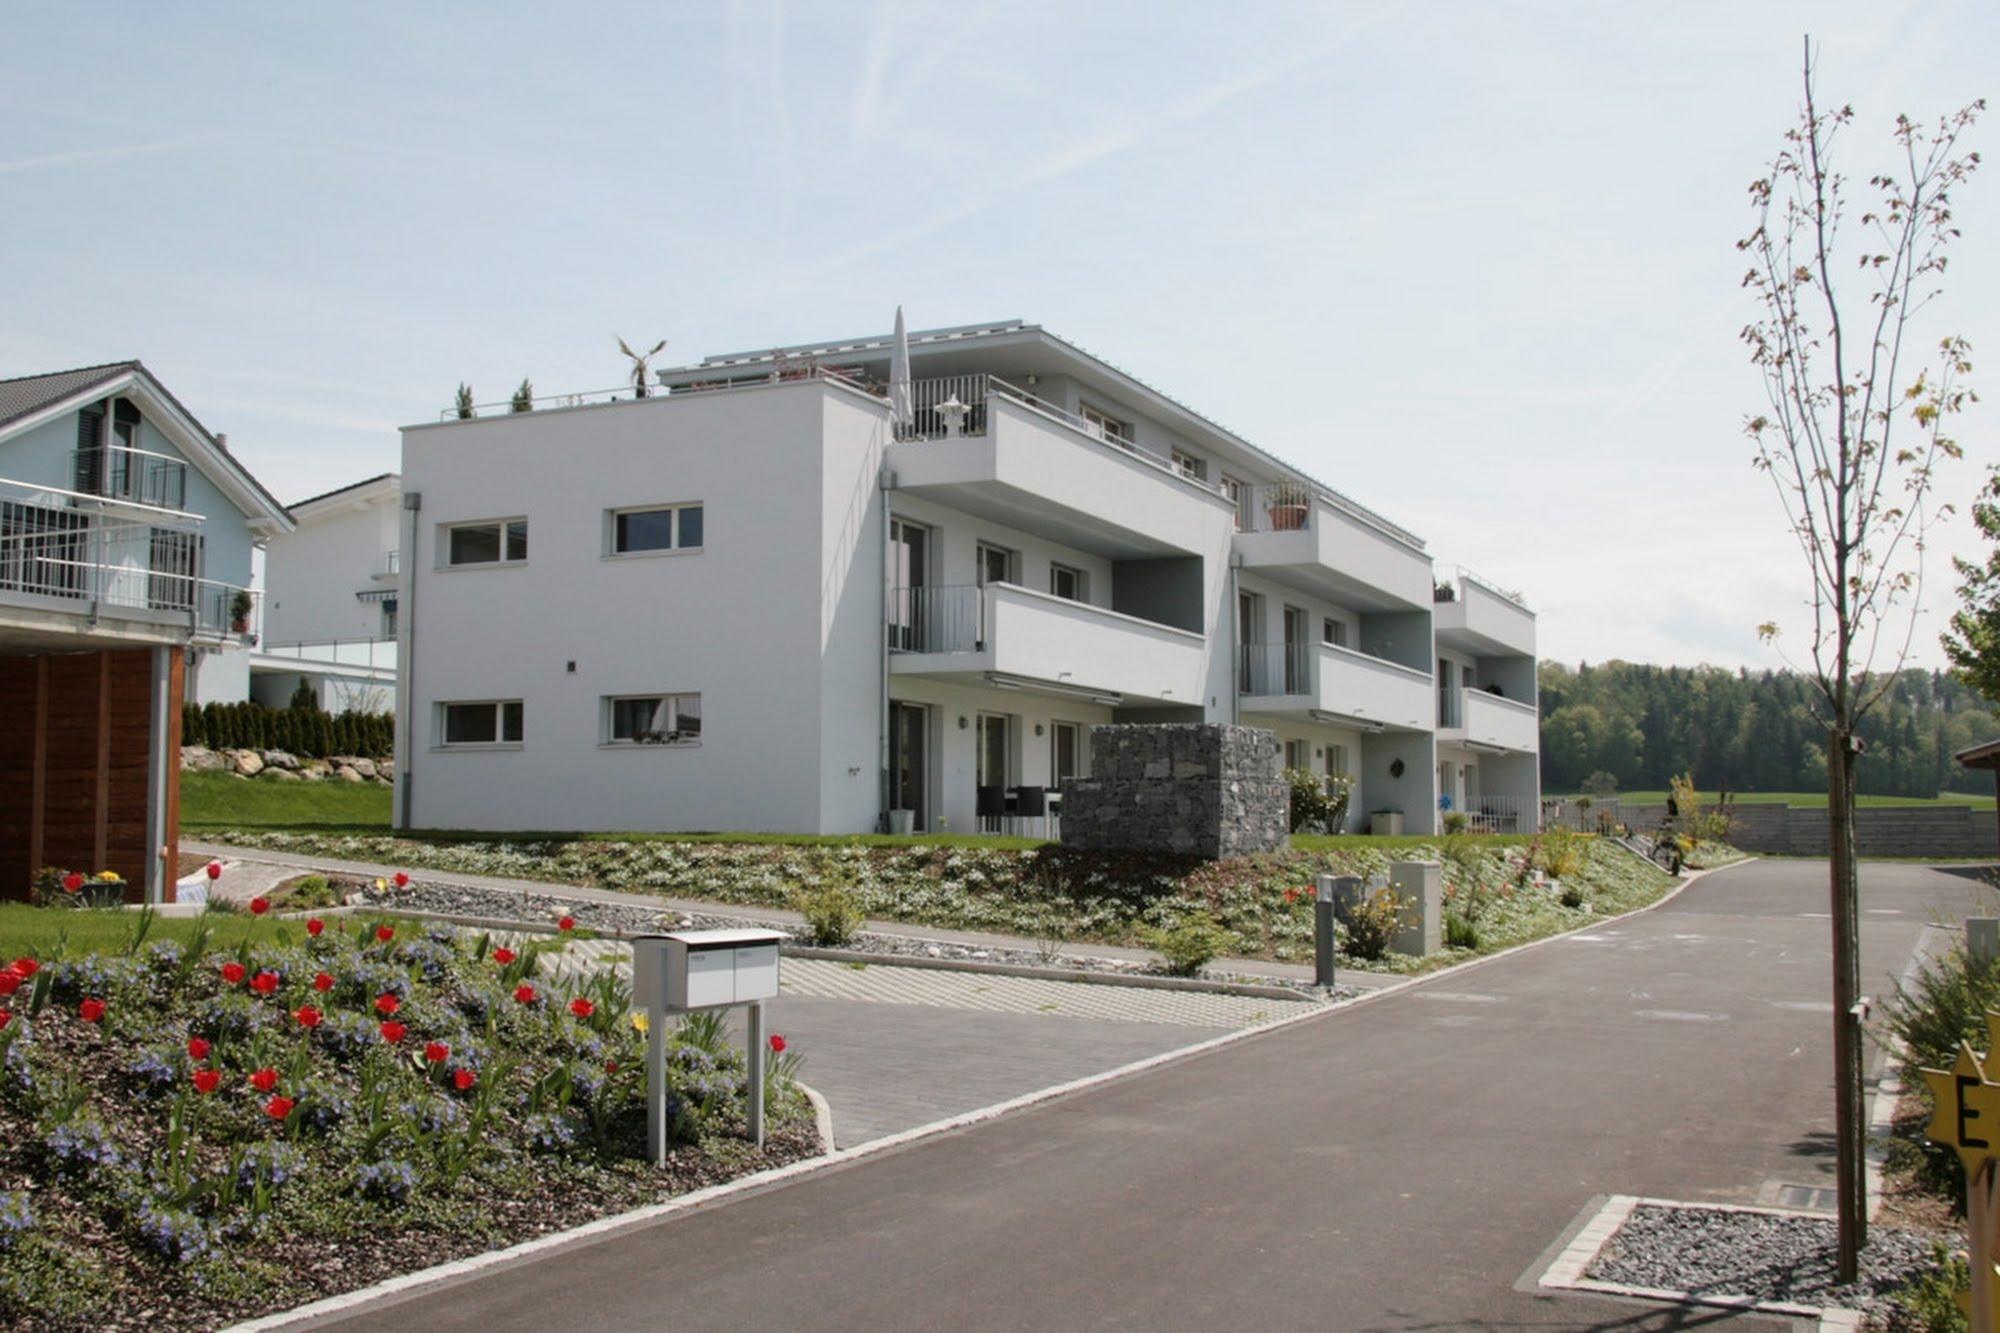 Wohnen MFH,Wohnen EFH Familiensiedlung im Chäppeliacher Architektur,Wohnungsbau,Wohnhäuser,Einfamilienhäuser,Mehrfamilienhäuser